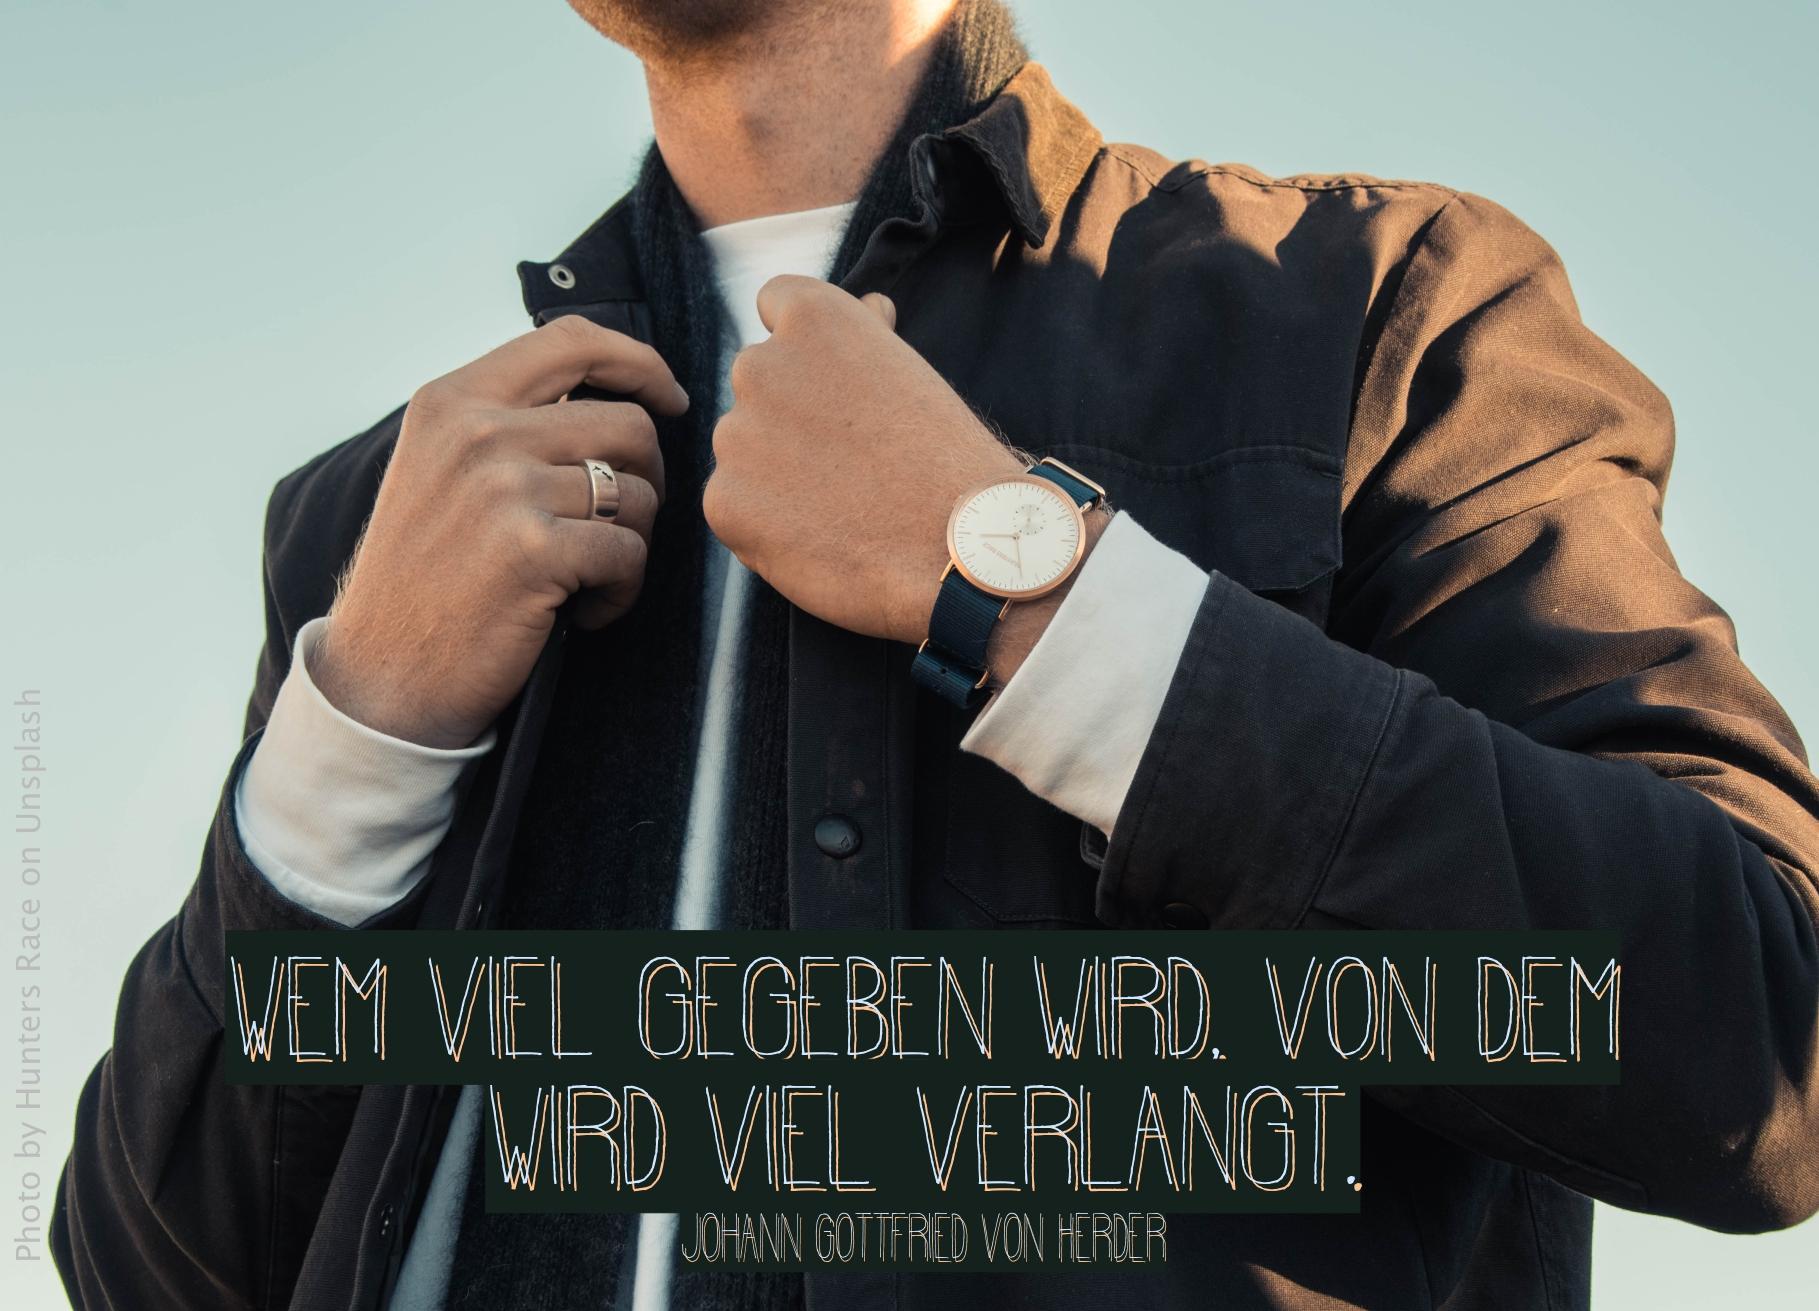 Junger Mann in guter Kleidung mit teurer Uhr